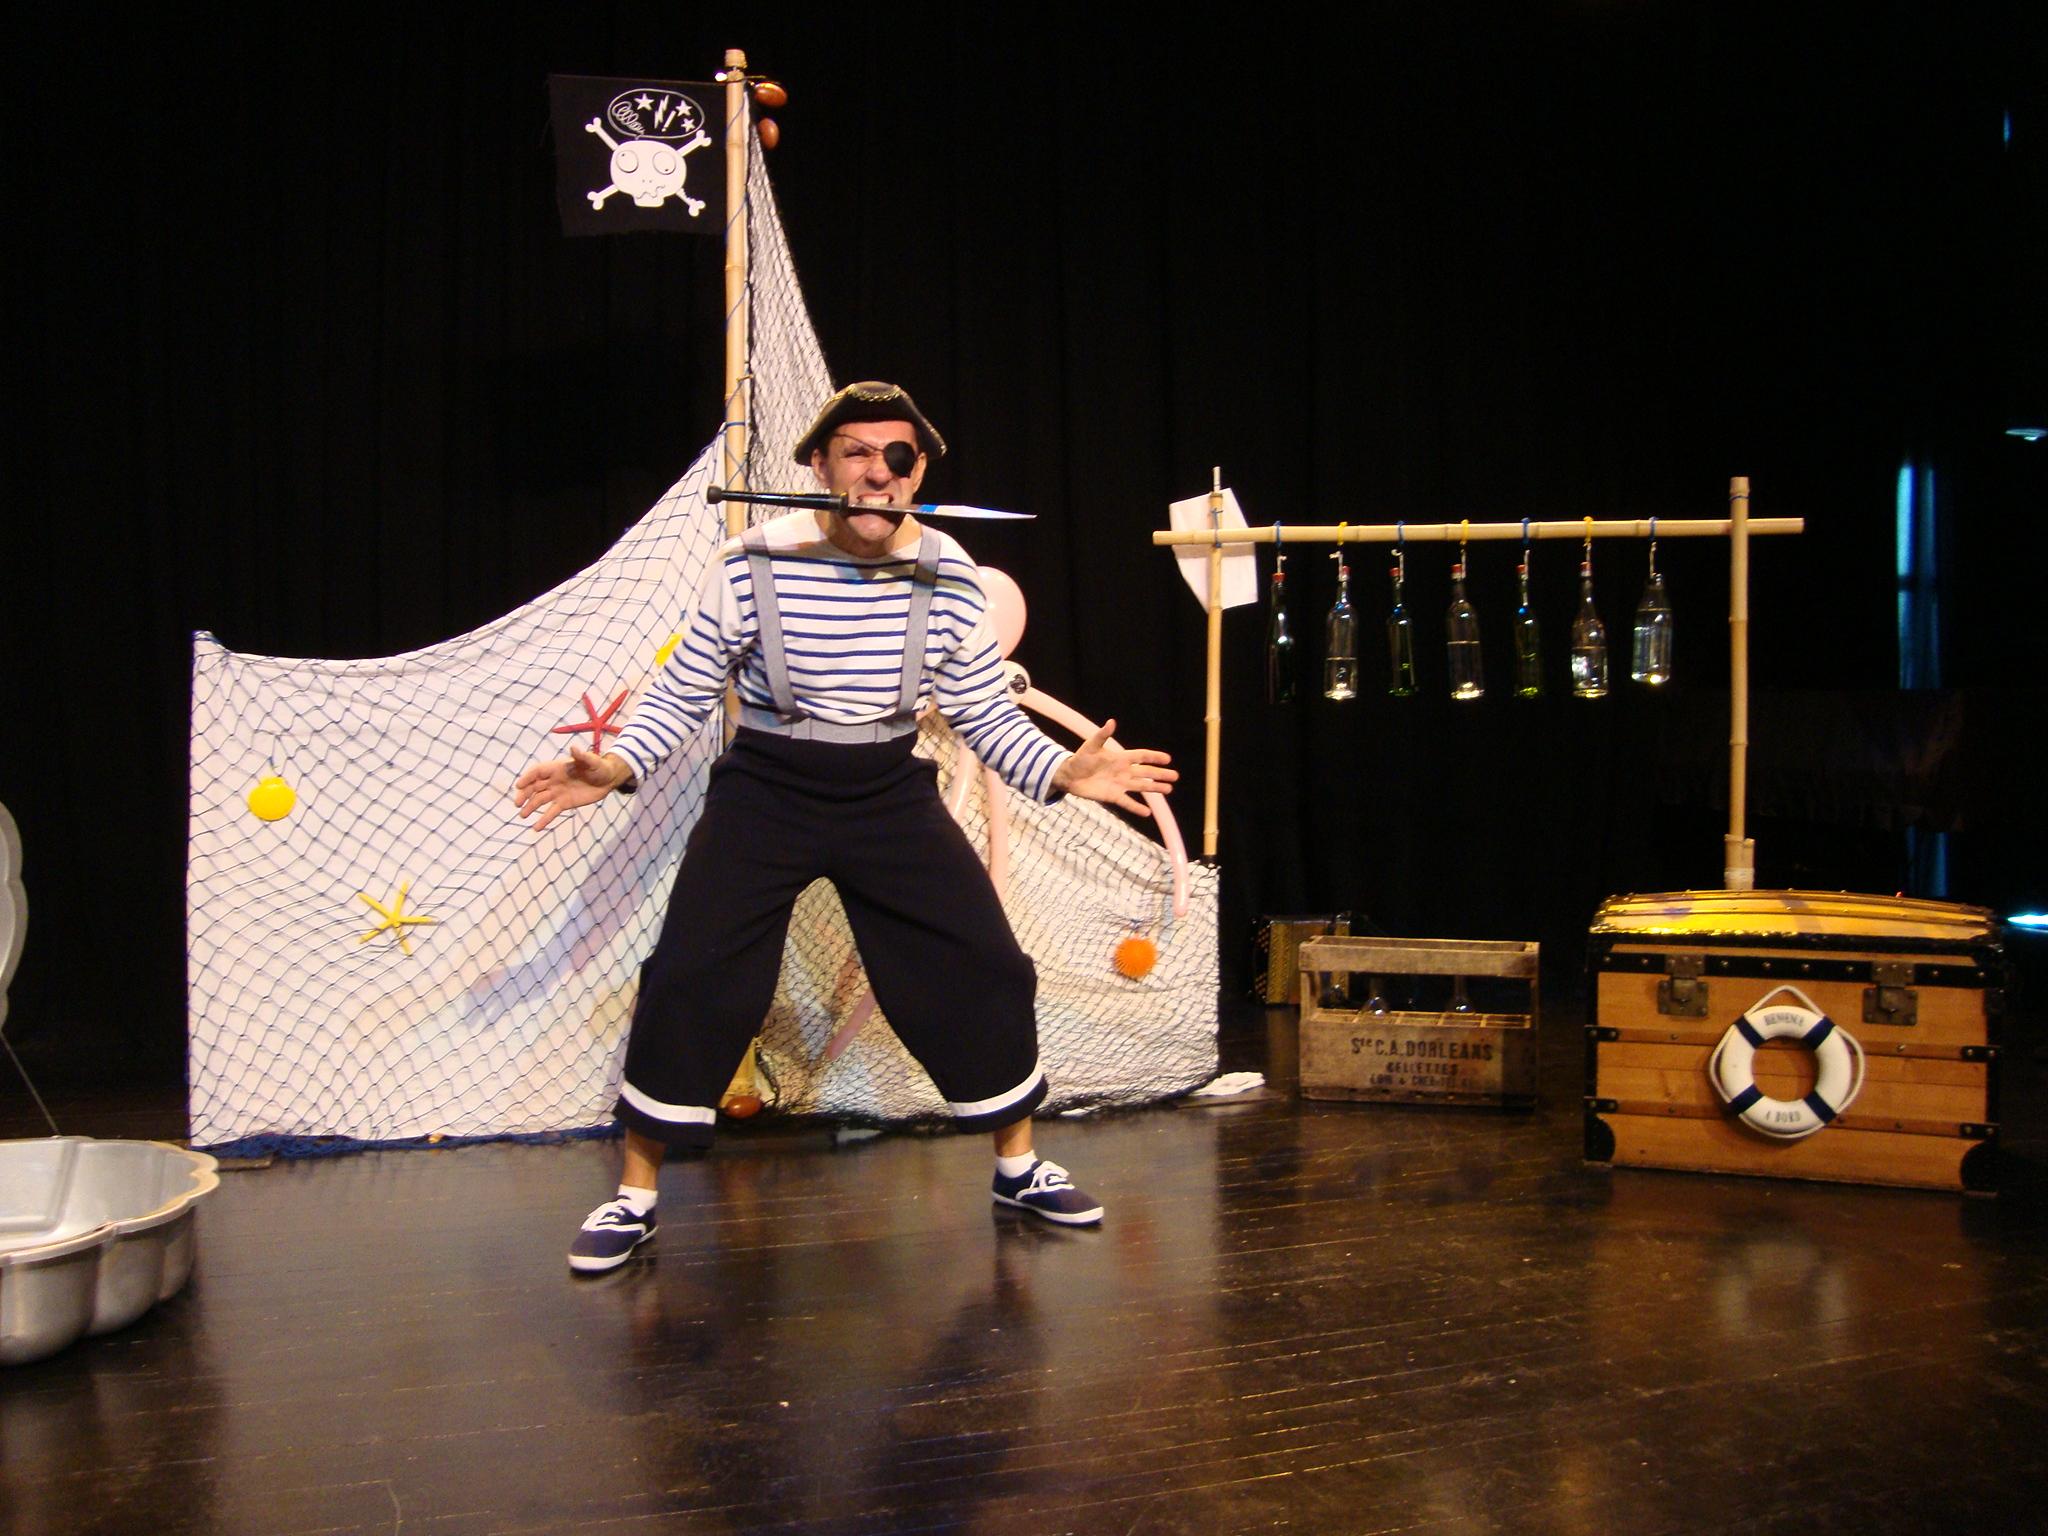 Pirate avec un couteau de jonglerie dans la bouche Cirkonflex